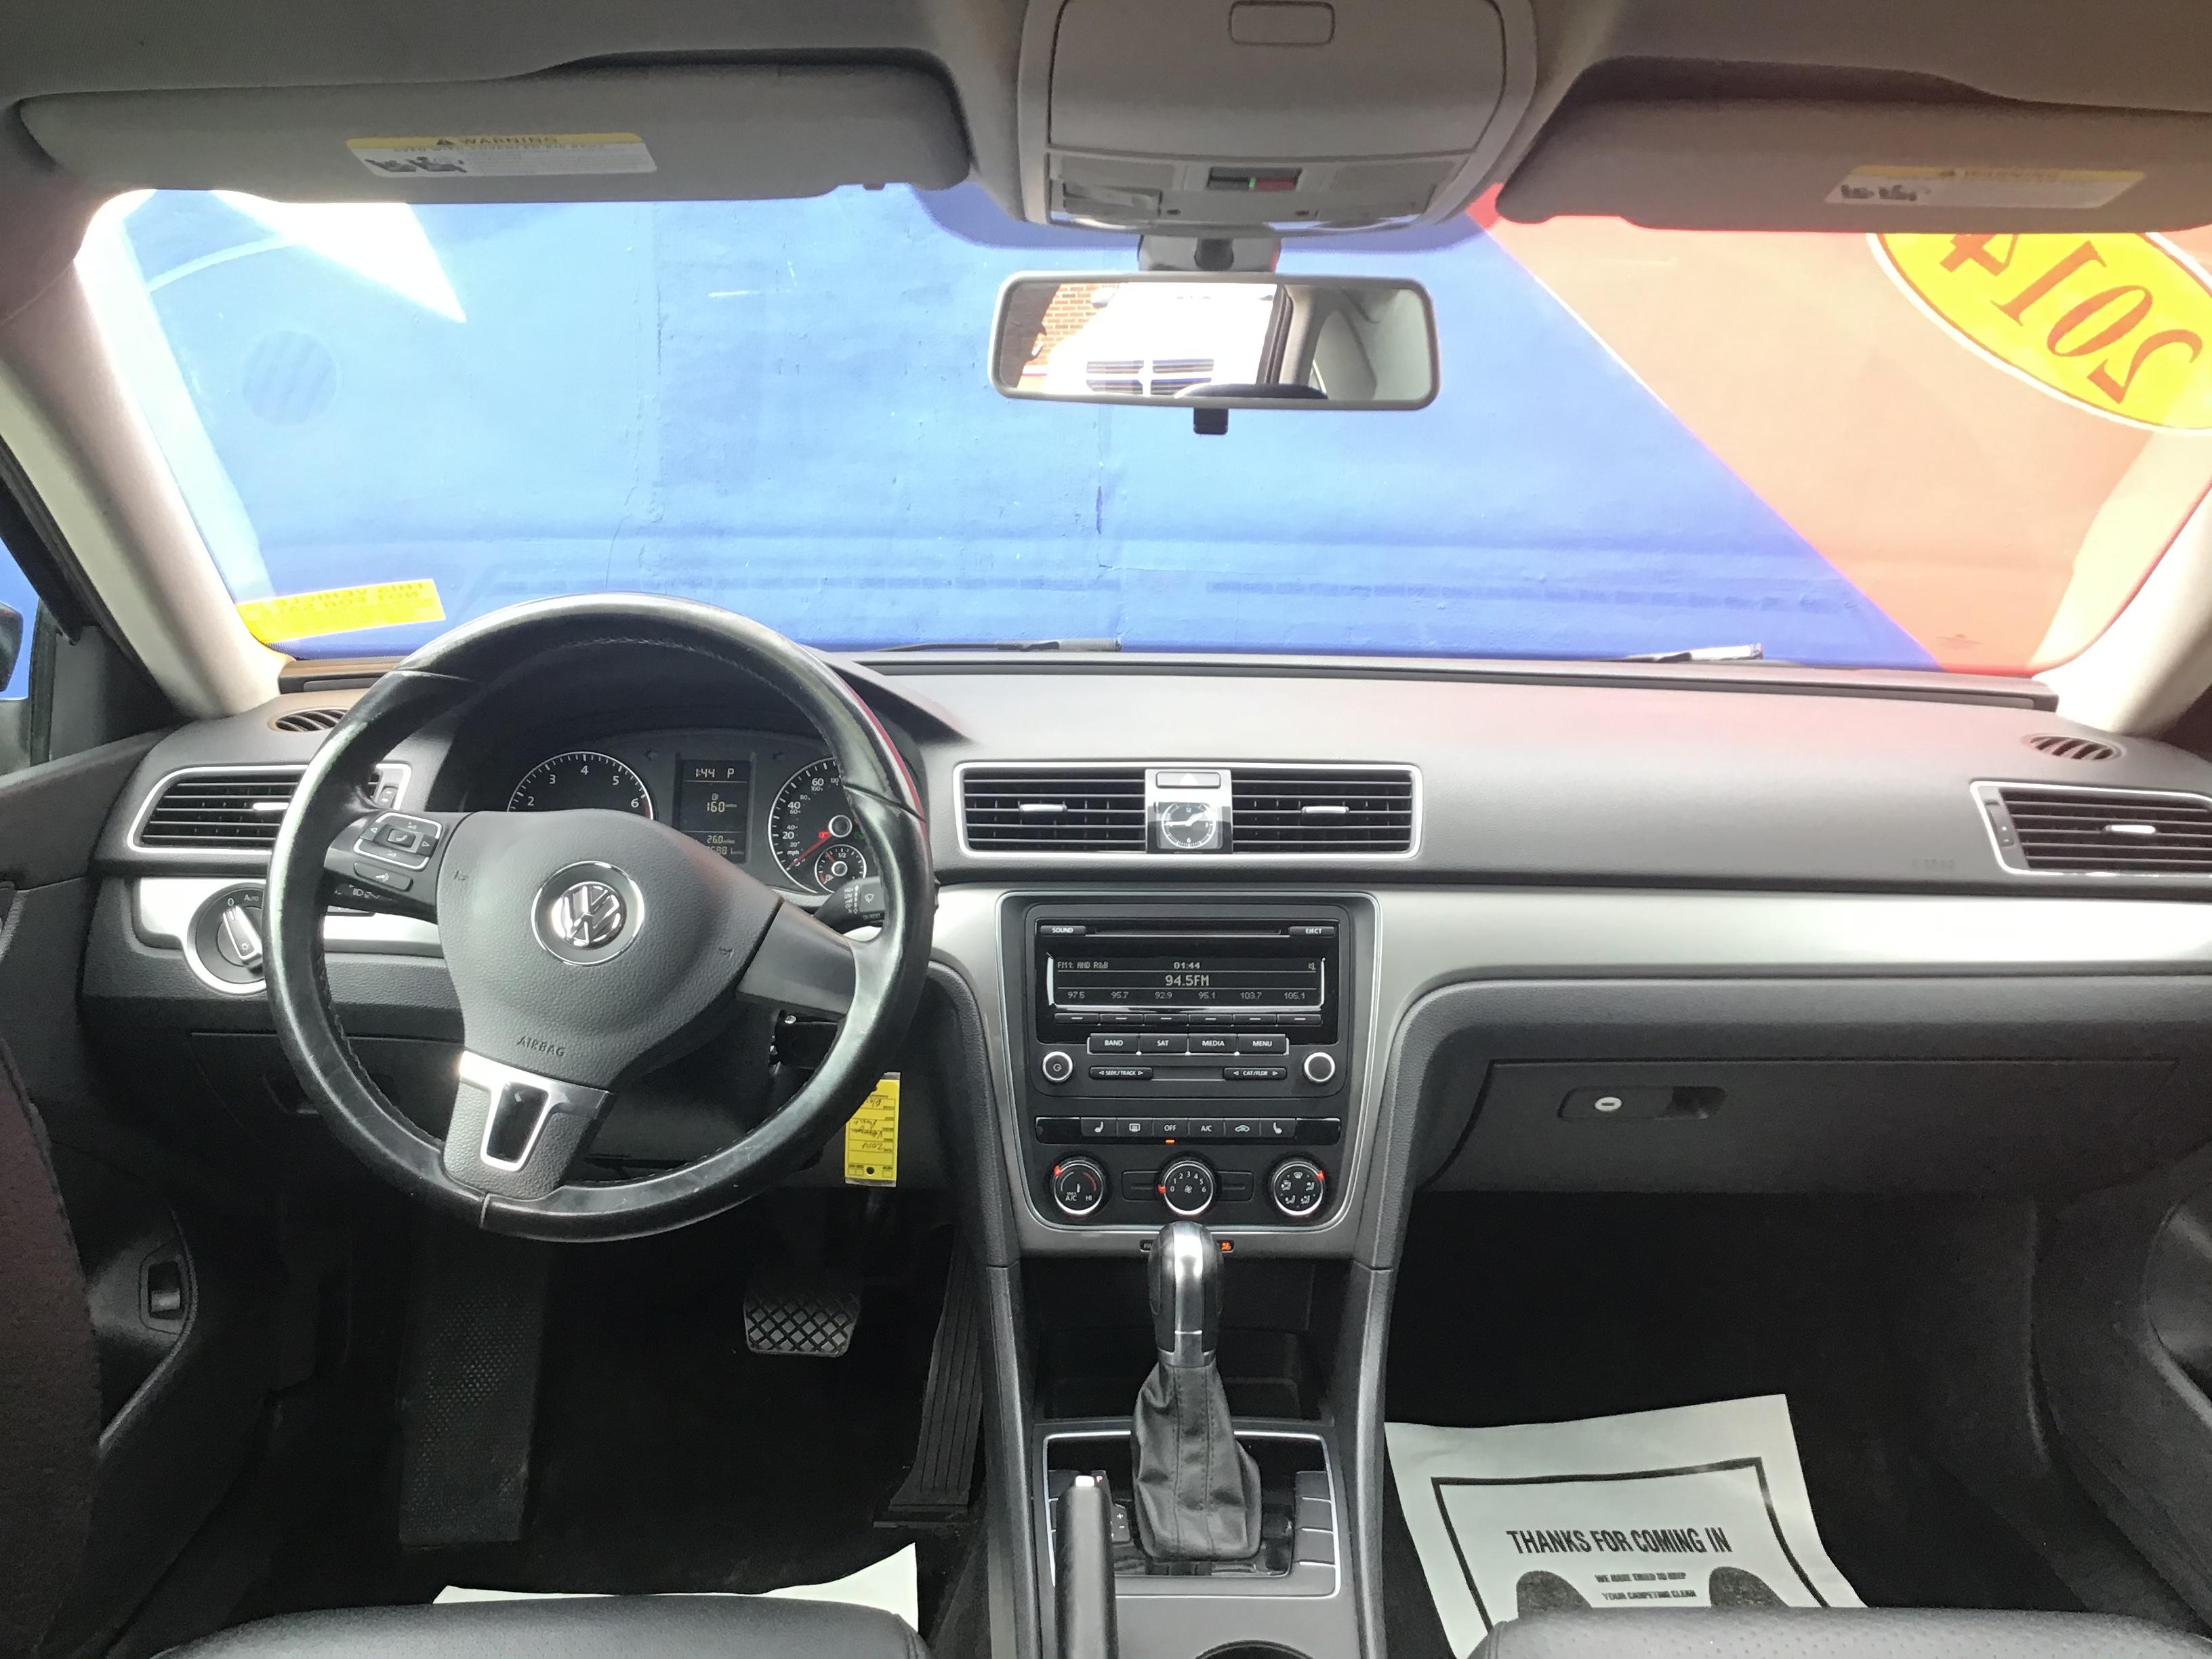 used vehicle - Sedan VOLKSWAGEN PASSAT 2014